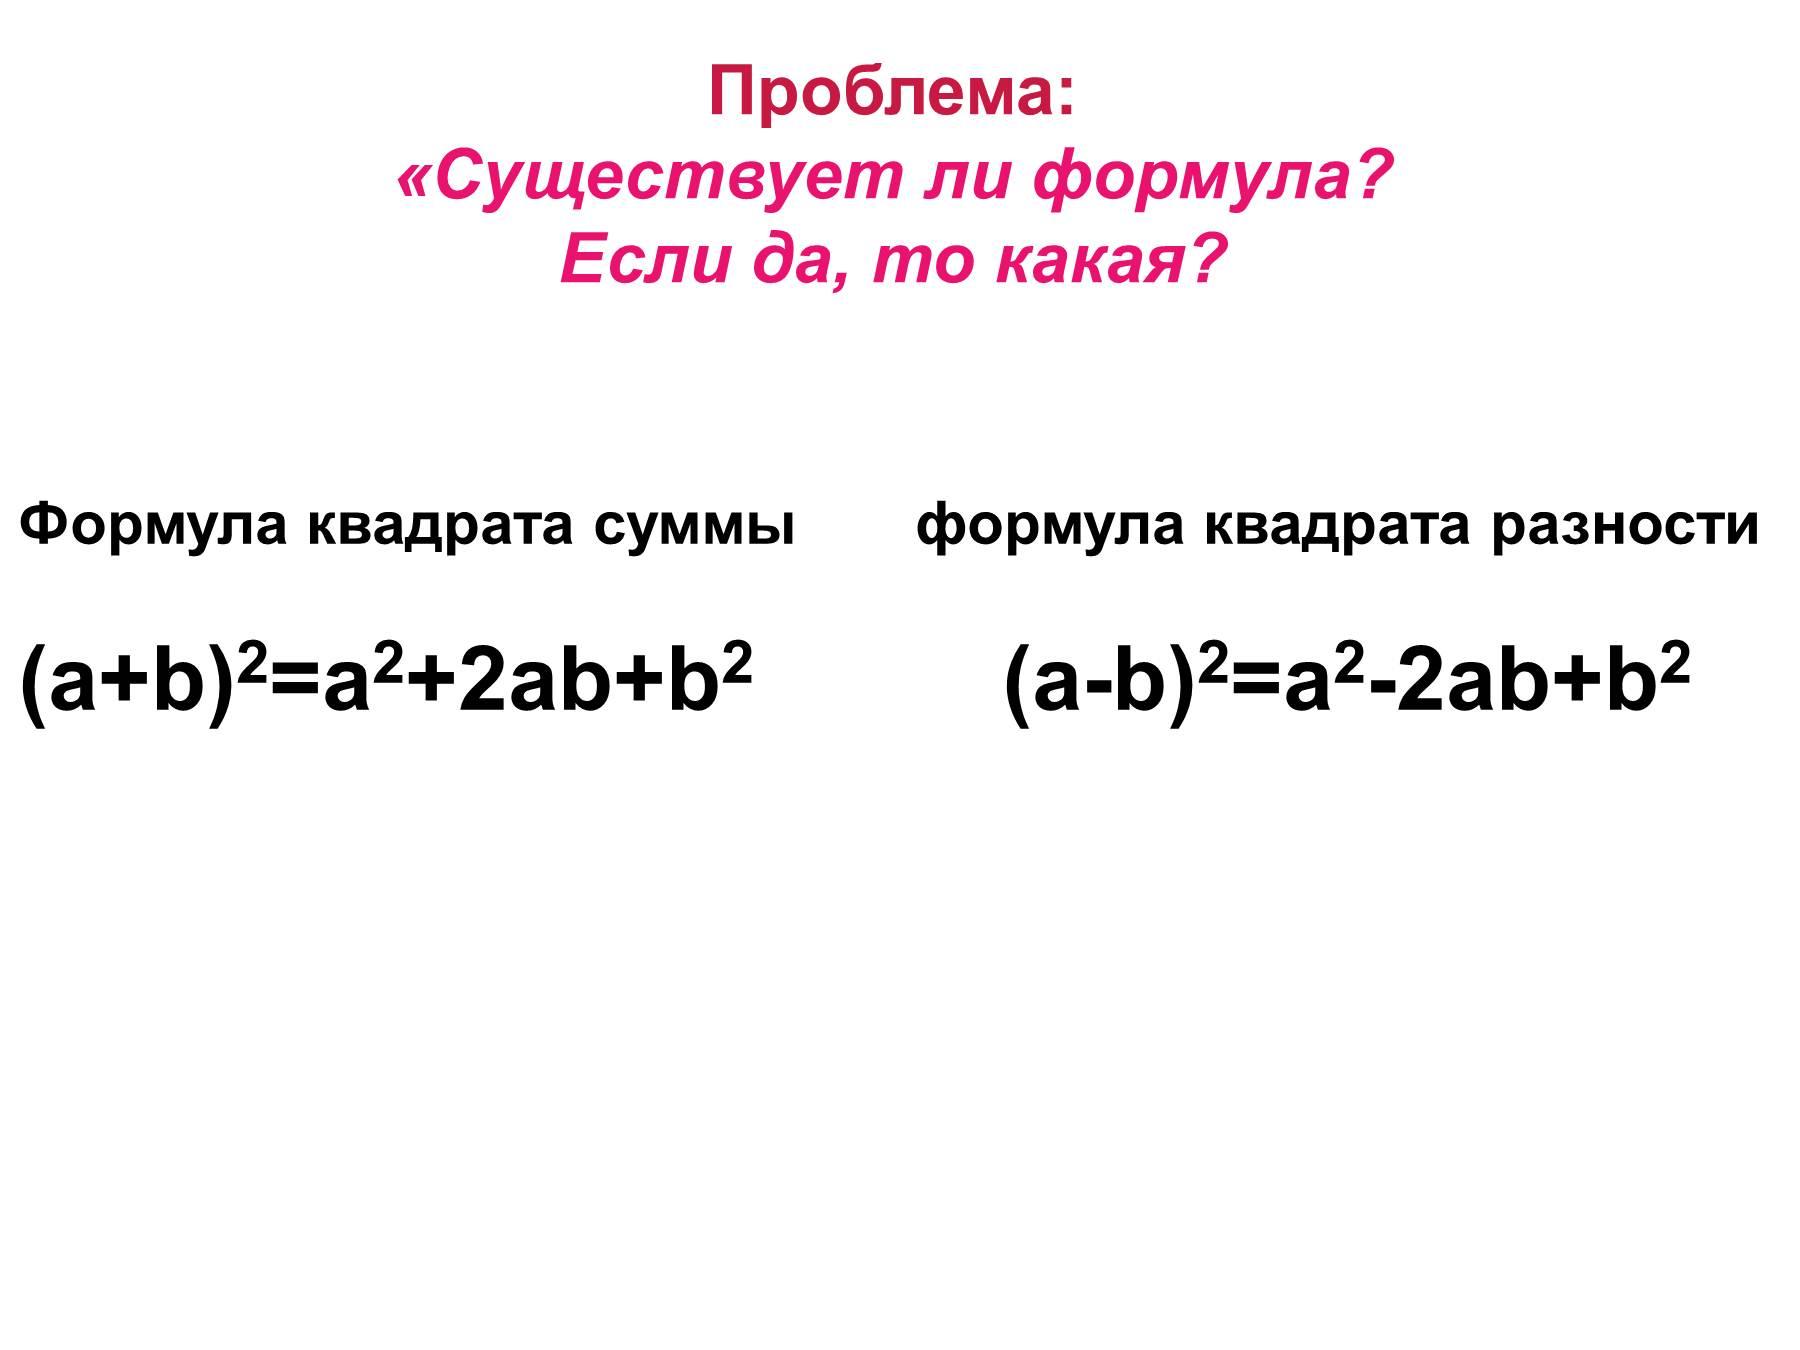 kvadrat-summi-treh-chlenov